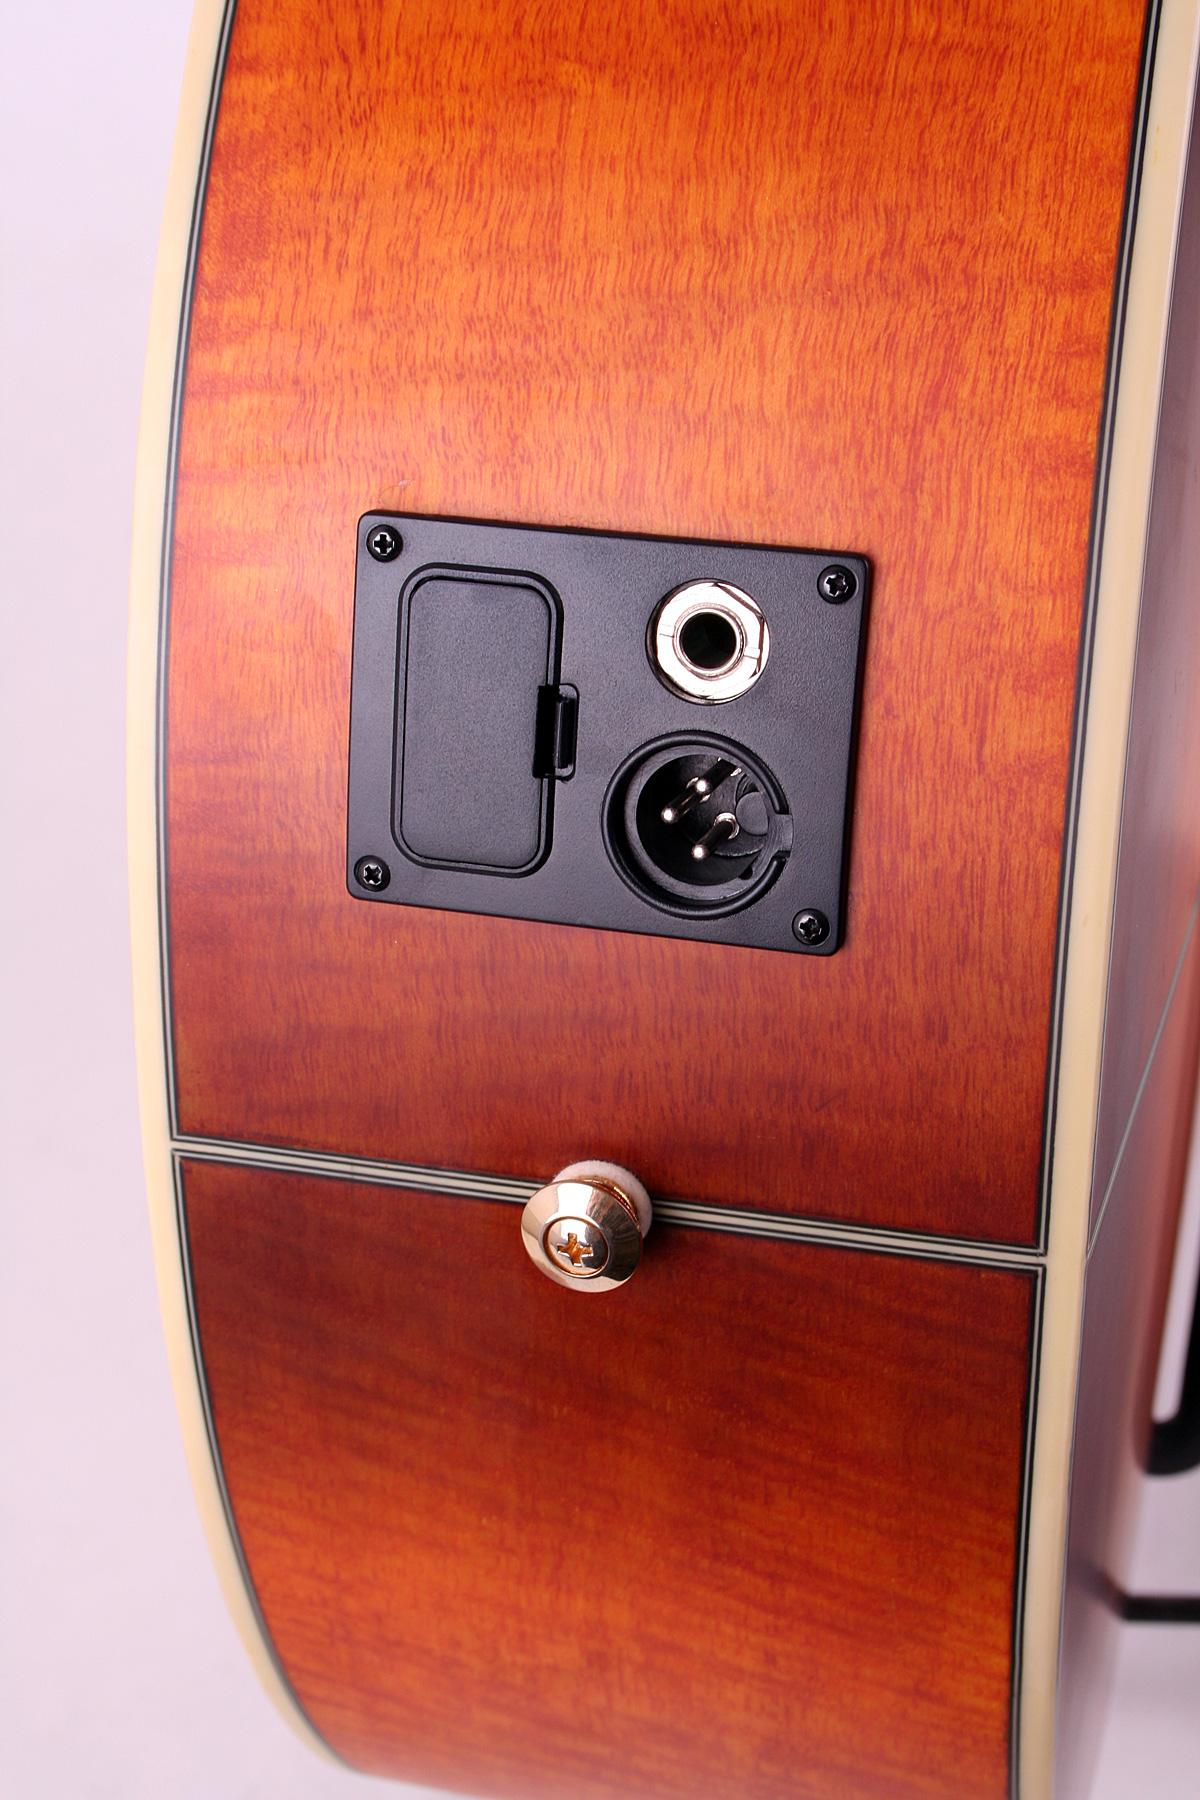 Charmant Ibanez Gitarrenkabel Fotos - Schaltplan Serie Circuit ...